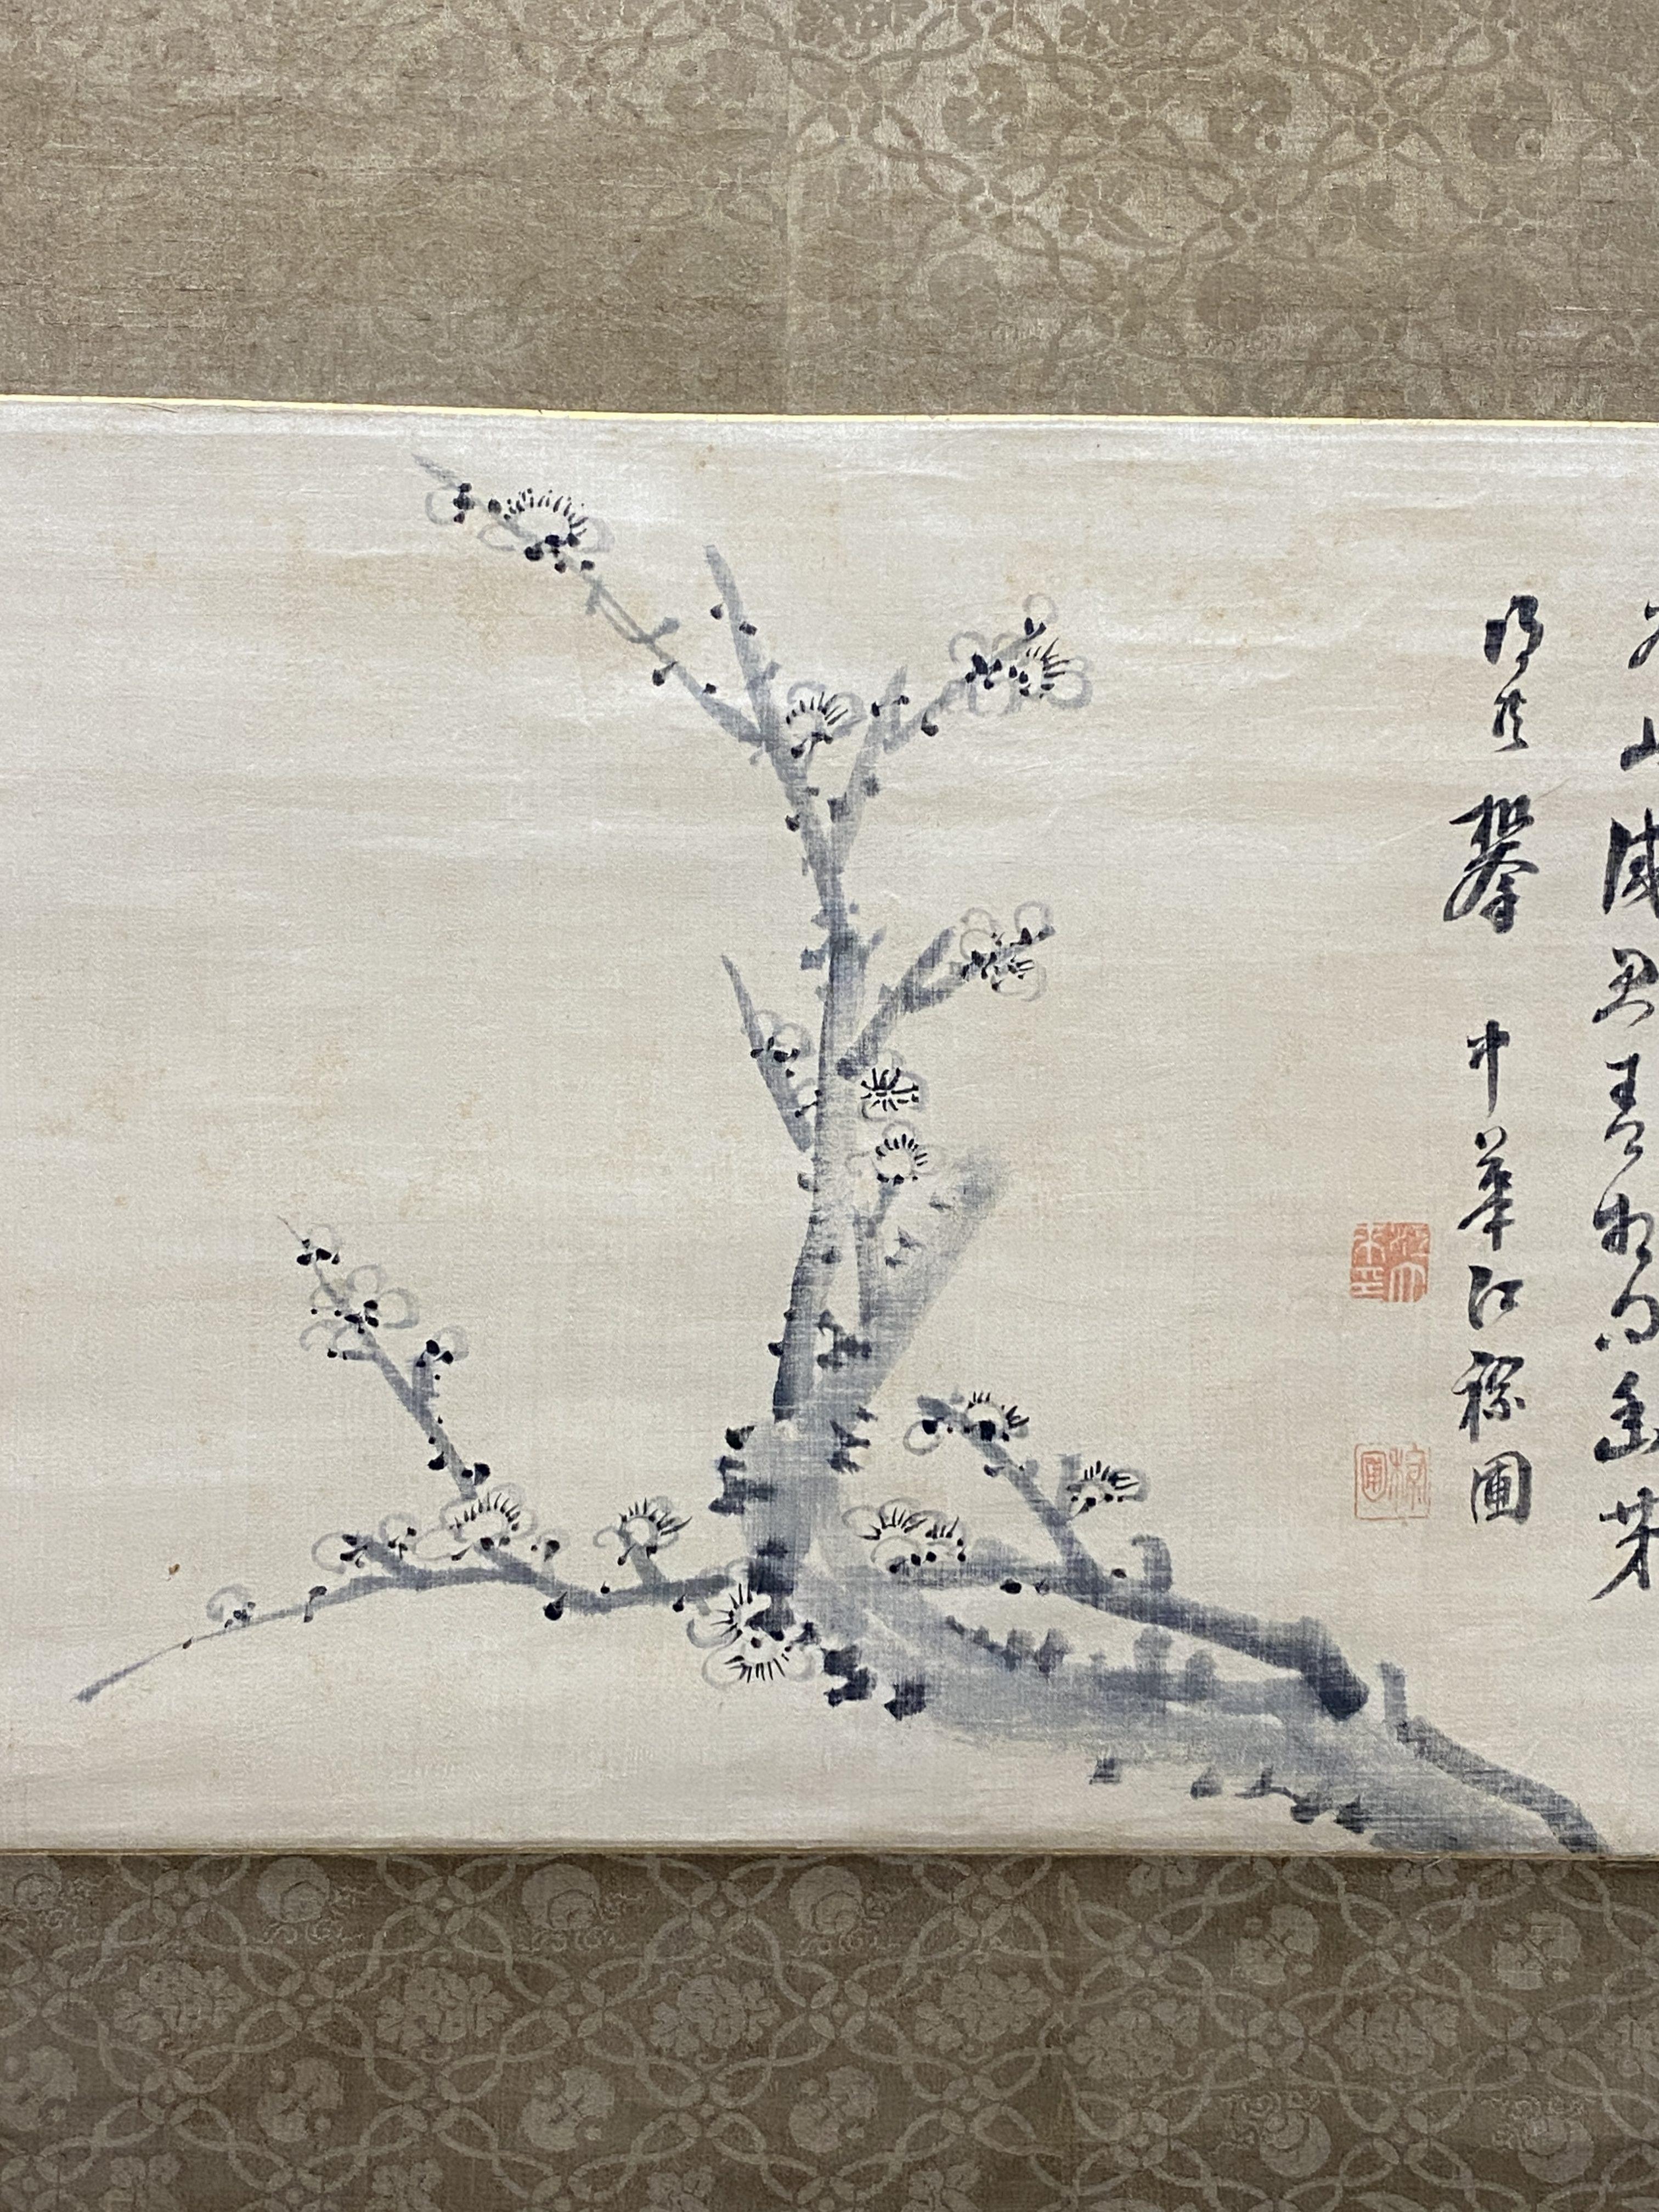 江稼圃筆 墨梅図